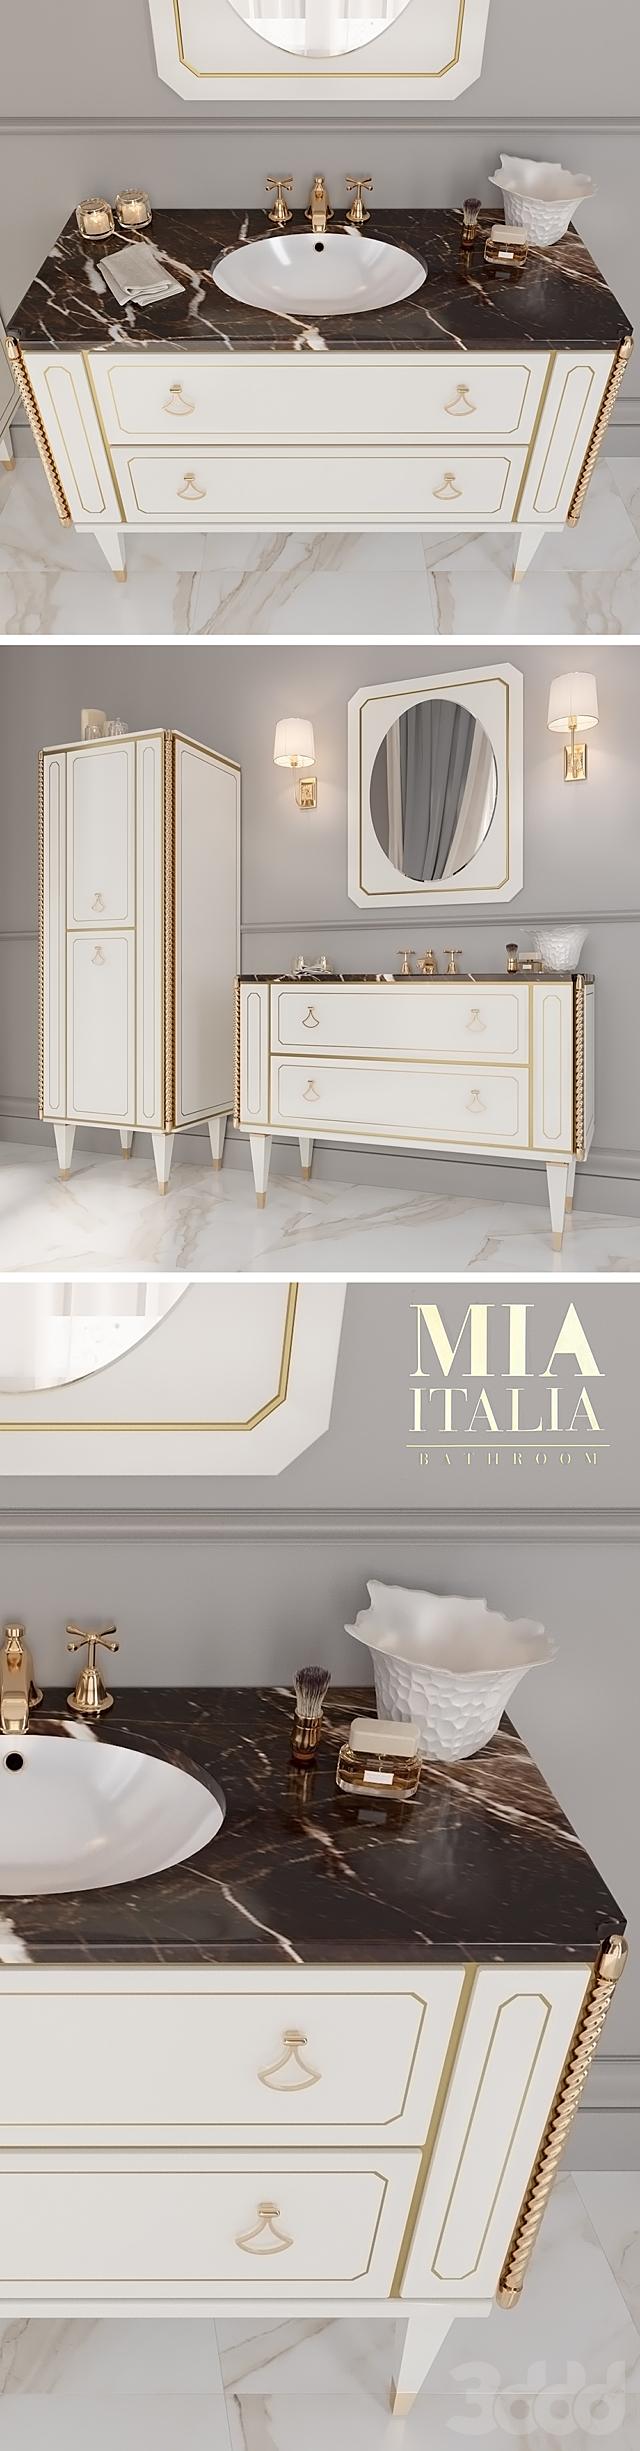 Mia Italia _ Petit 01